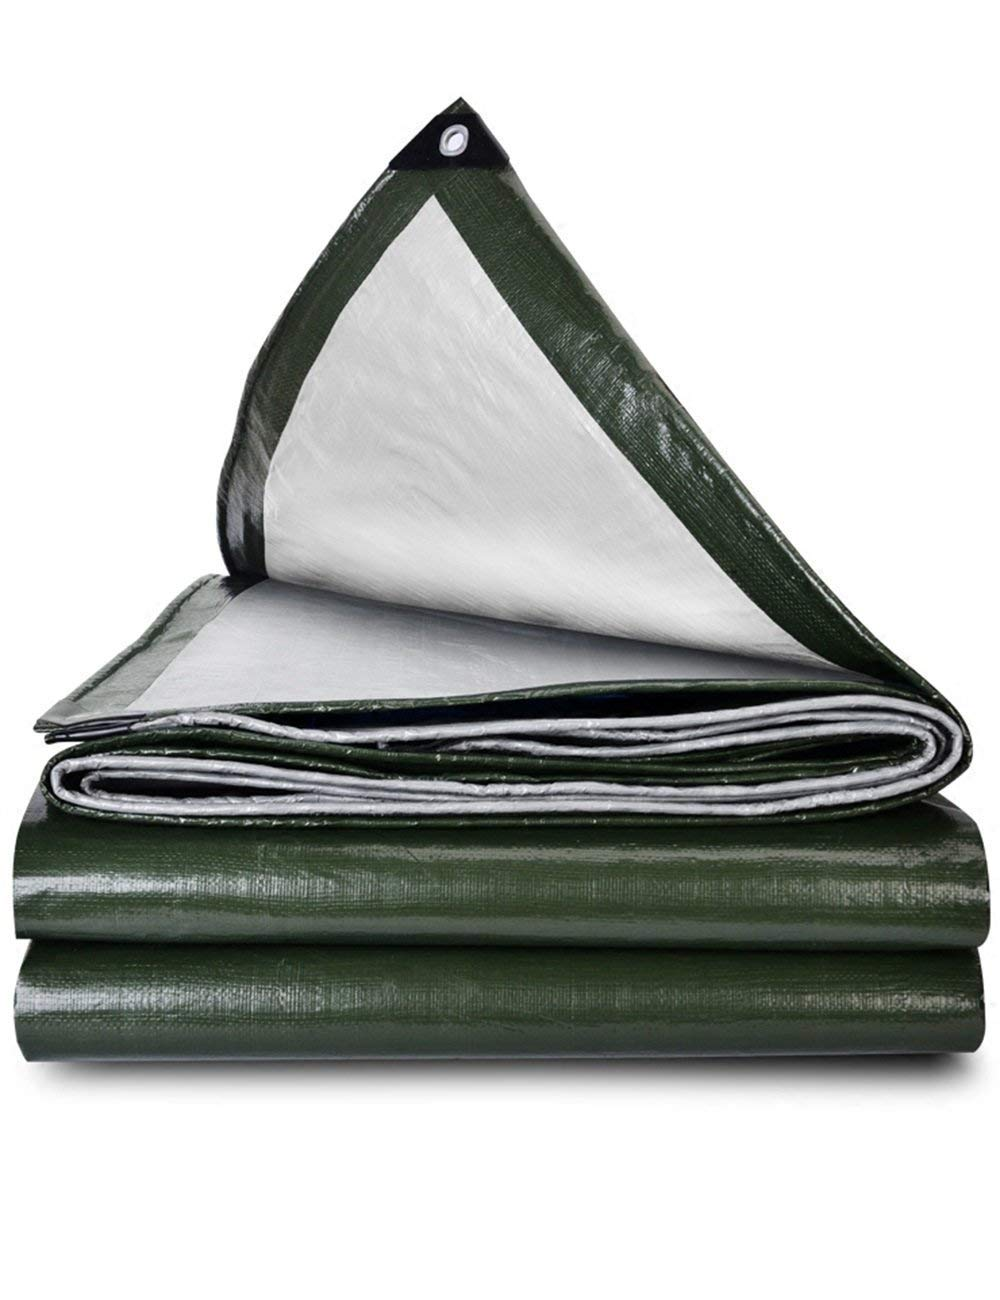 DLyng ダークグリーン防水タープテントキャンピングキャンバスタパリンヘビーデューティシェードタフ (Size : 5m*6m) 5m*6m  B07GYRS25K